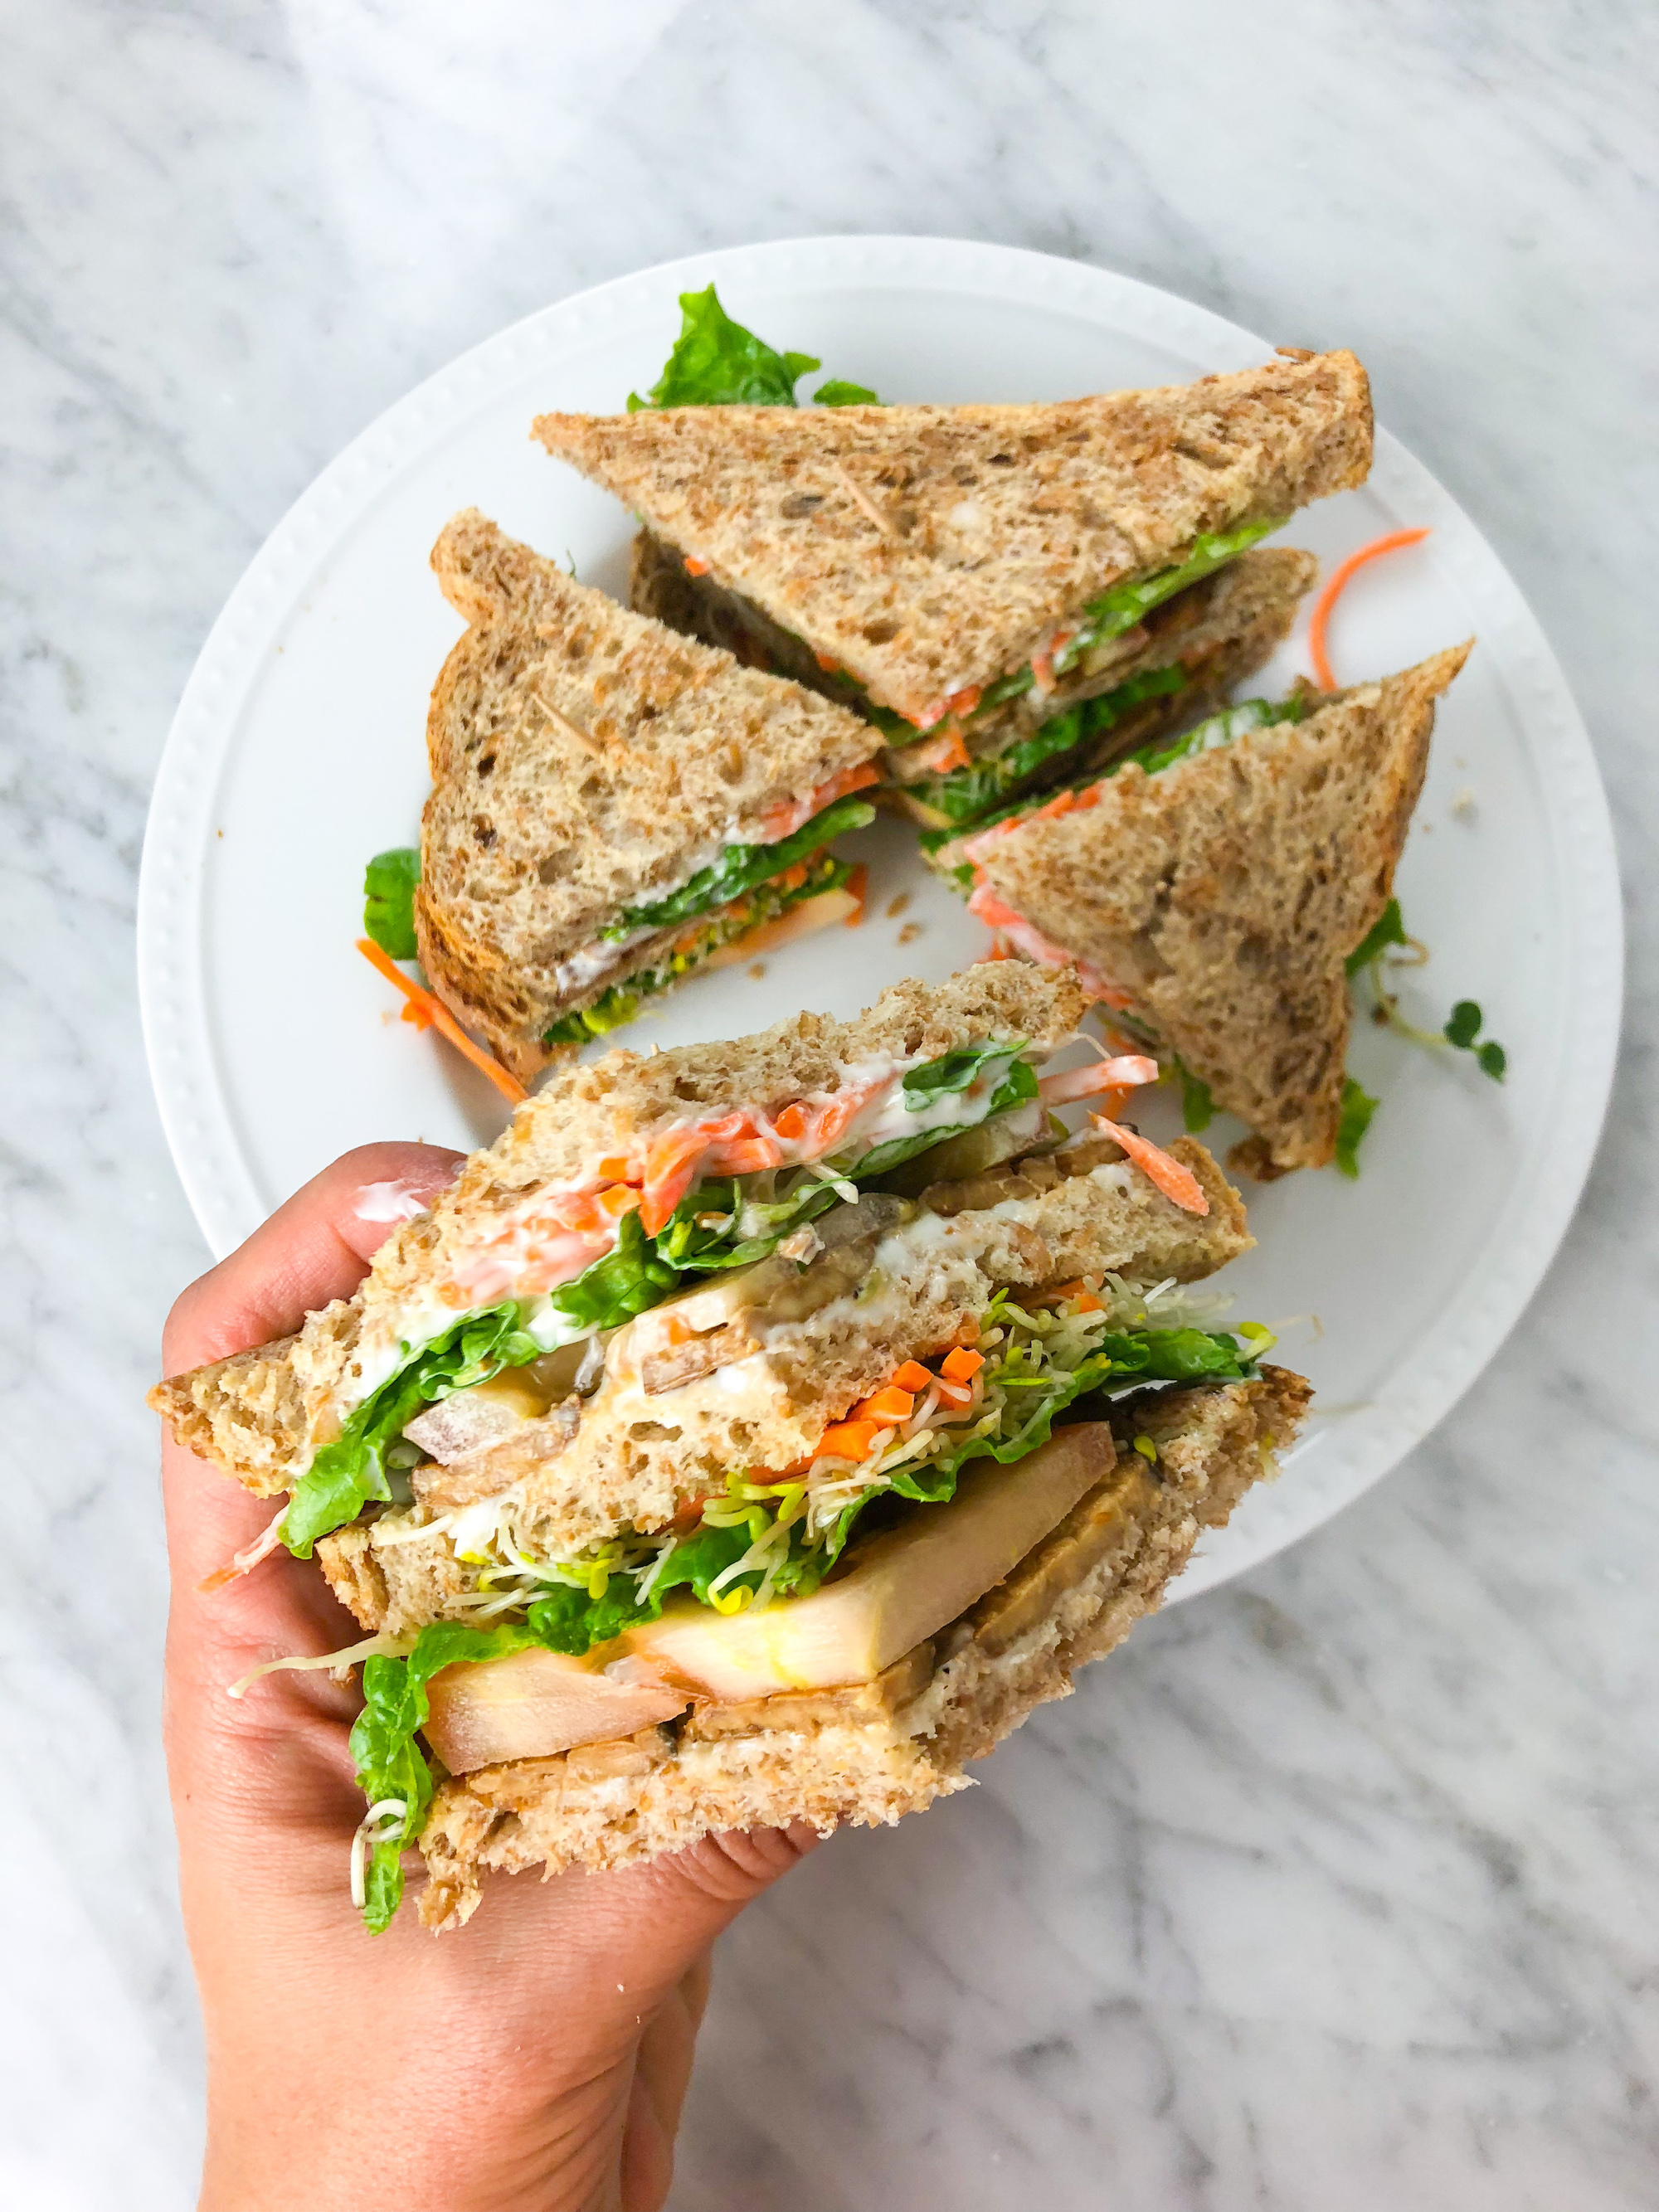 TLT sandwich - tempeh lettuce tomato